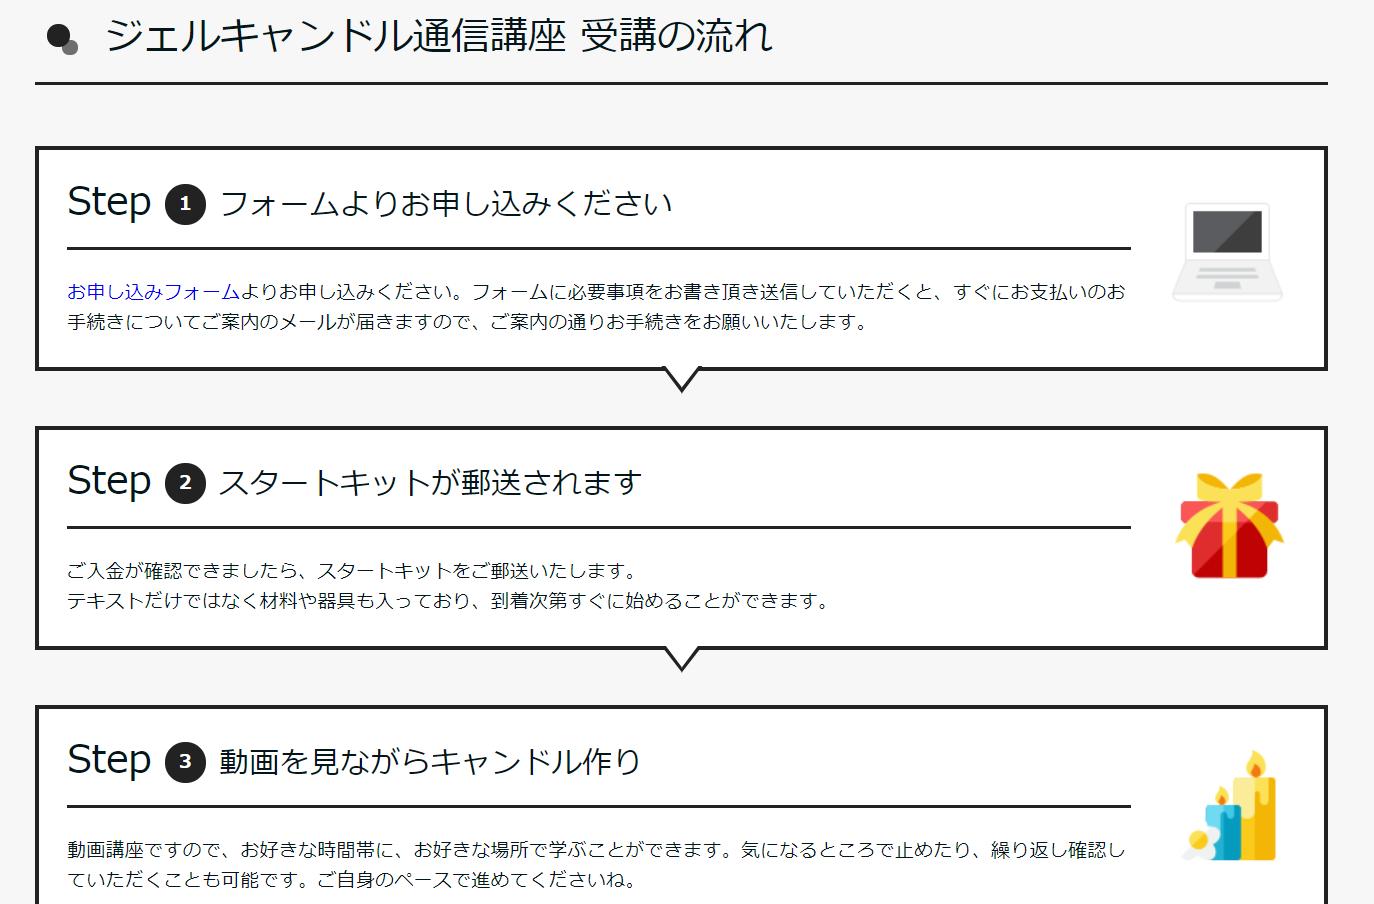 ハンドメイドキャンドル通信講座LP